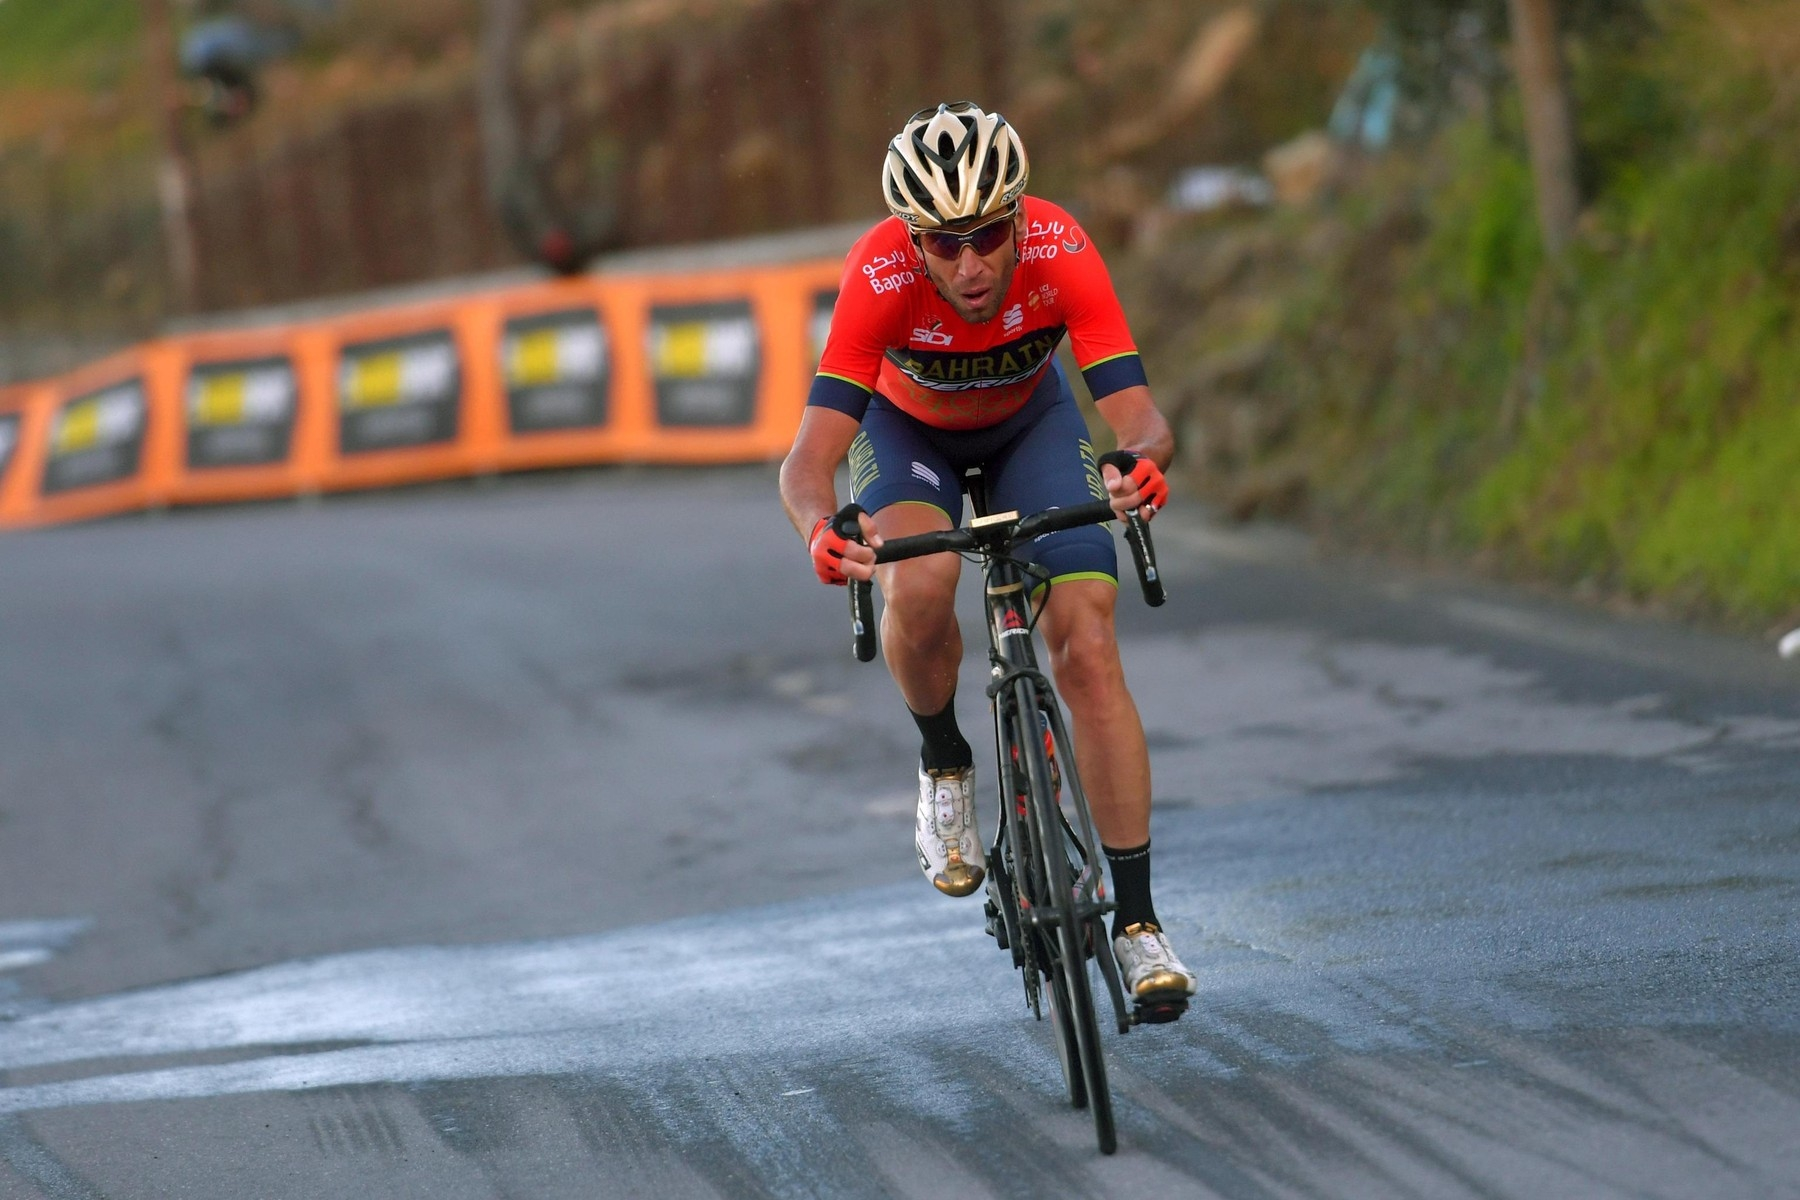 Vincenzo Nibali při stoupání na ikonický vrchol Poggio při vítězství v klasice Milán - San Remo 2018. Foto: profimedia